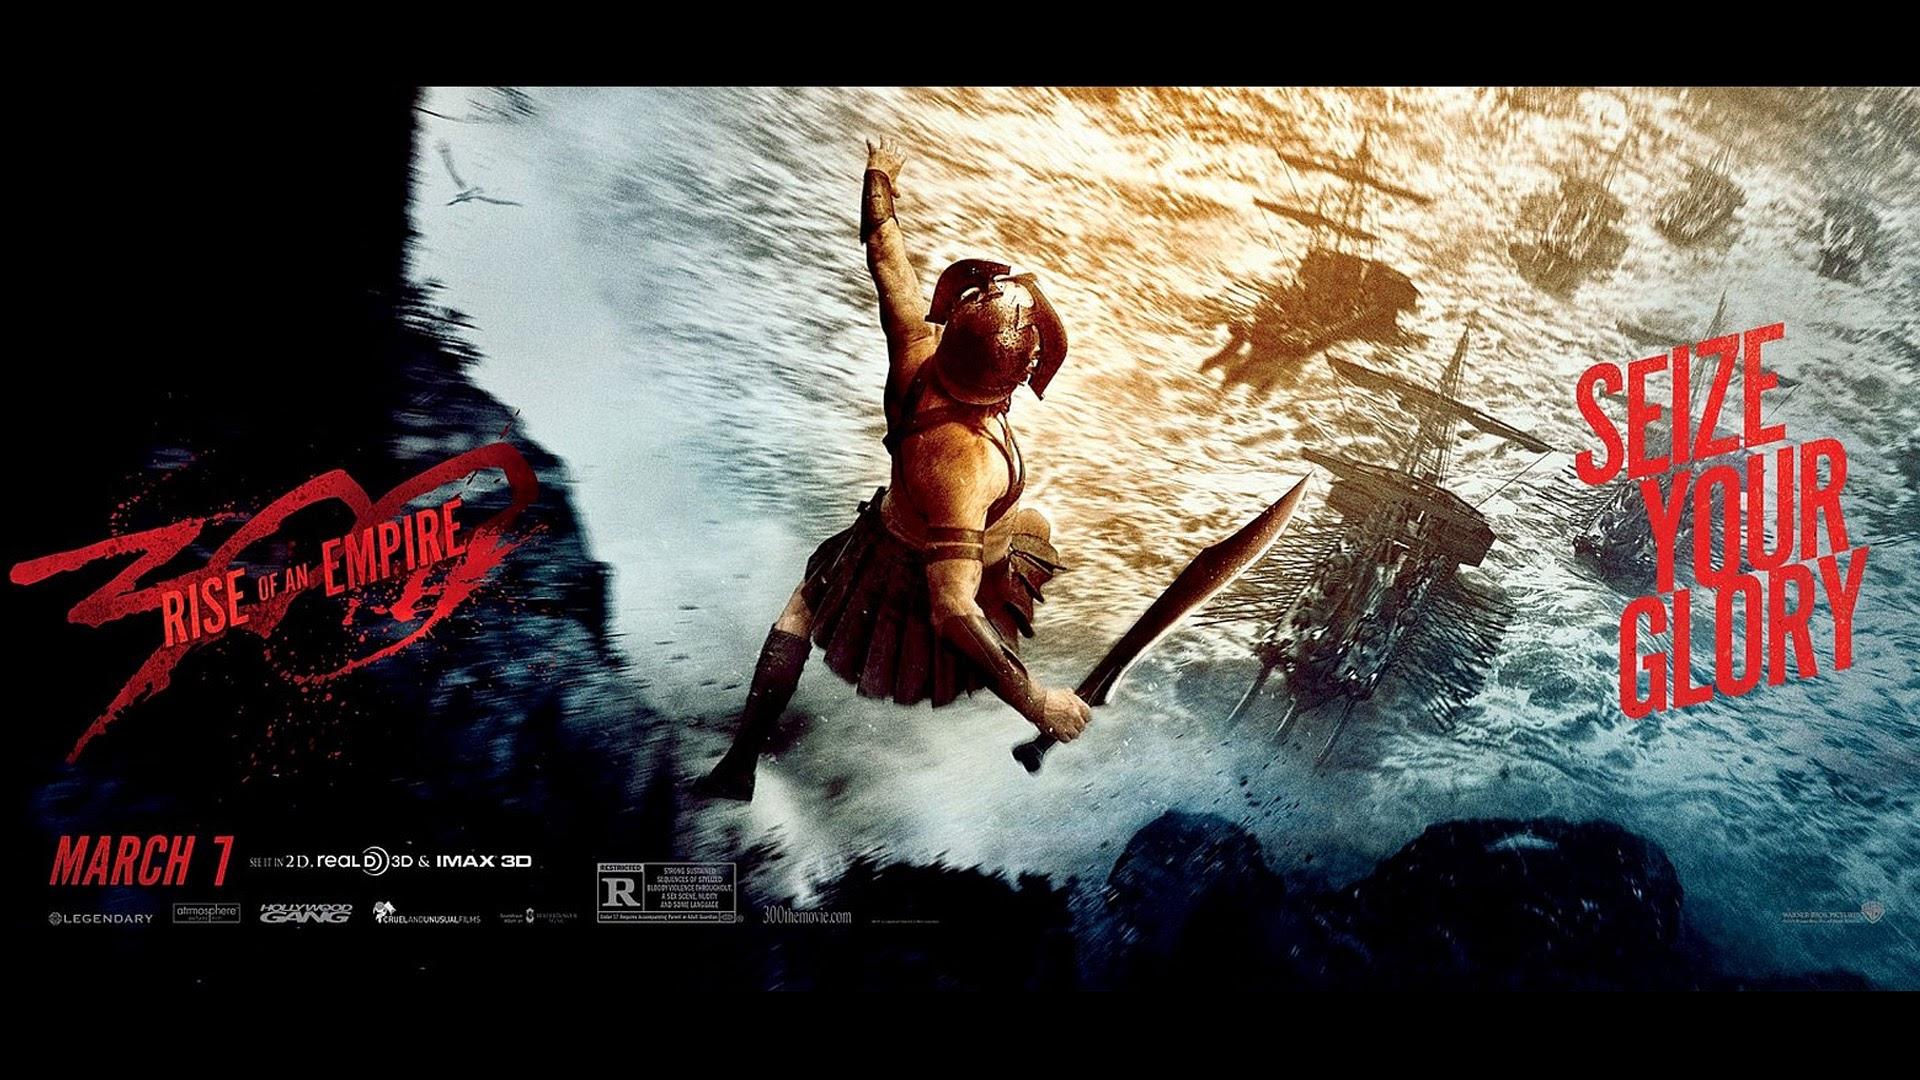 300 Movie Wallpaper HD - WallpaperSafari